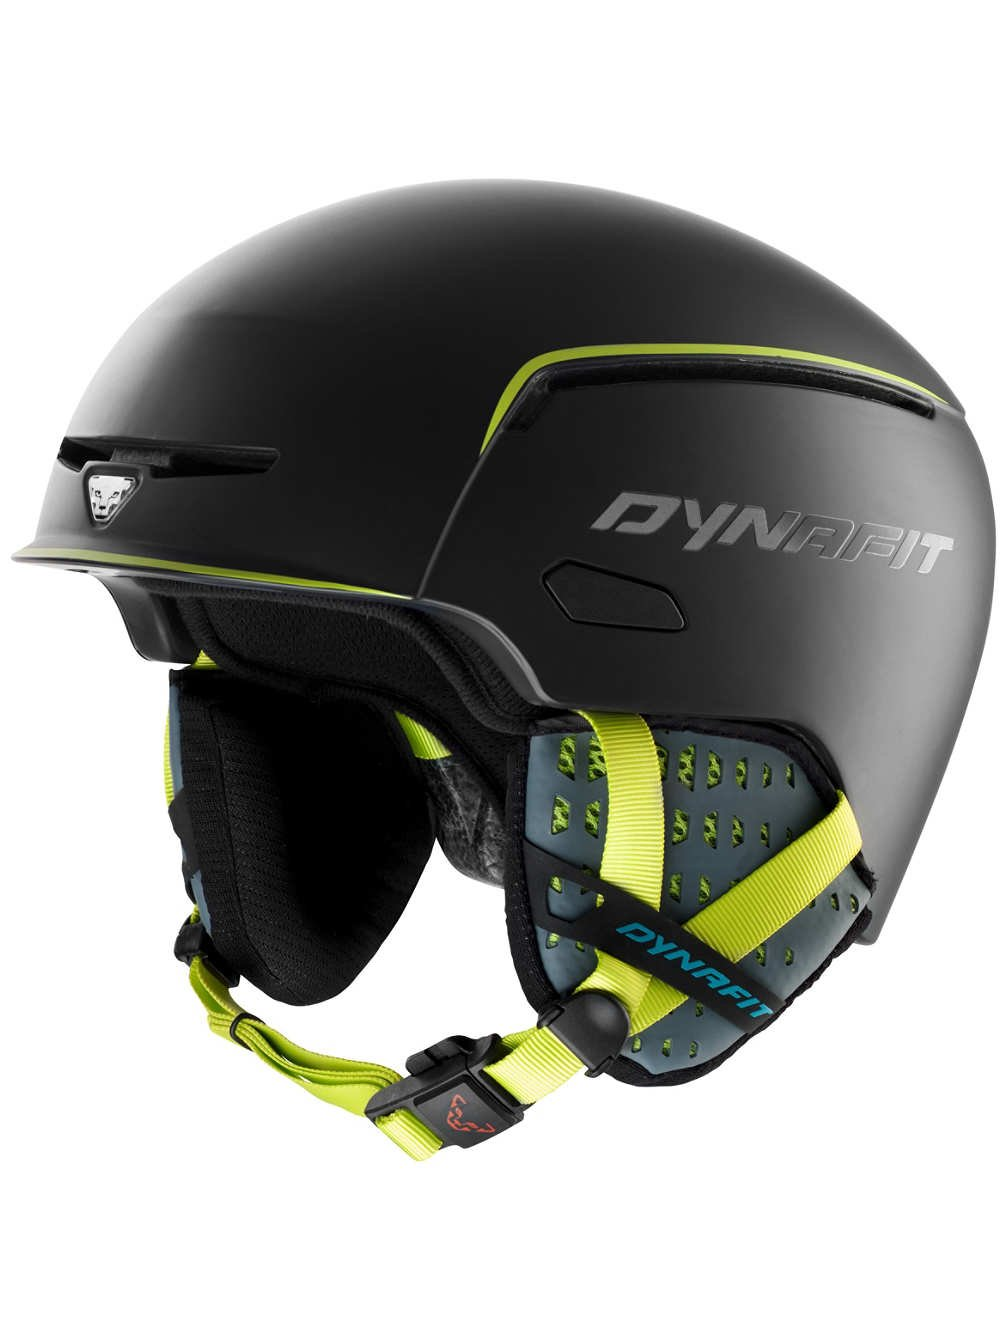 Dynafit Beast MIPS Helmet - Black/Cactus